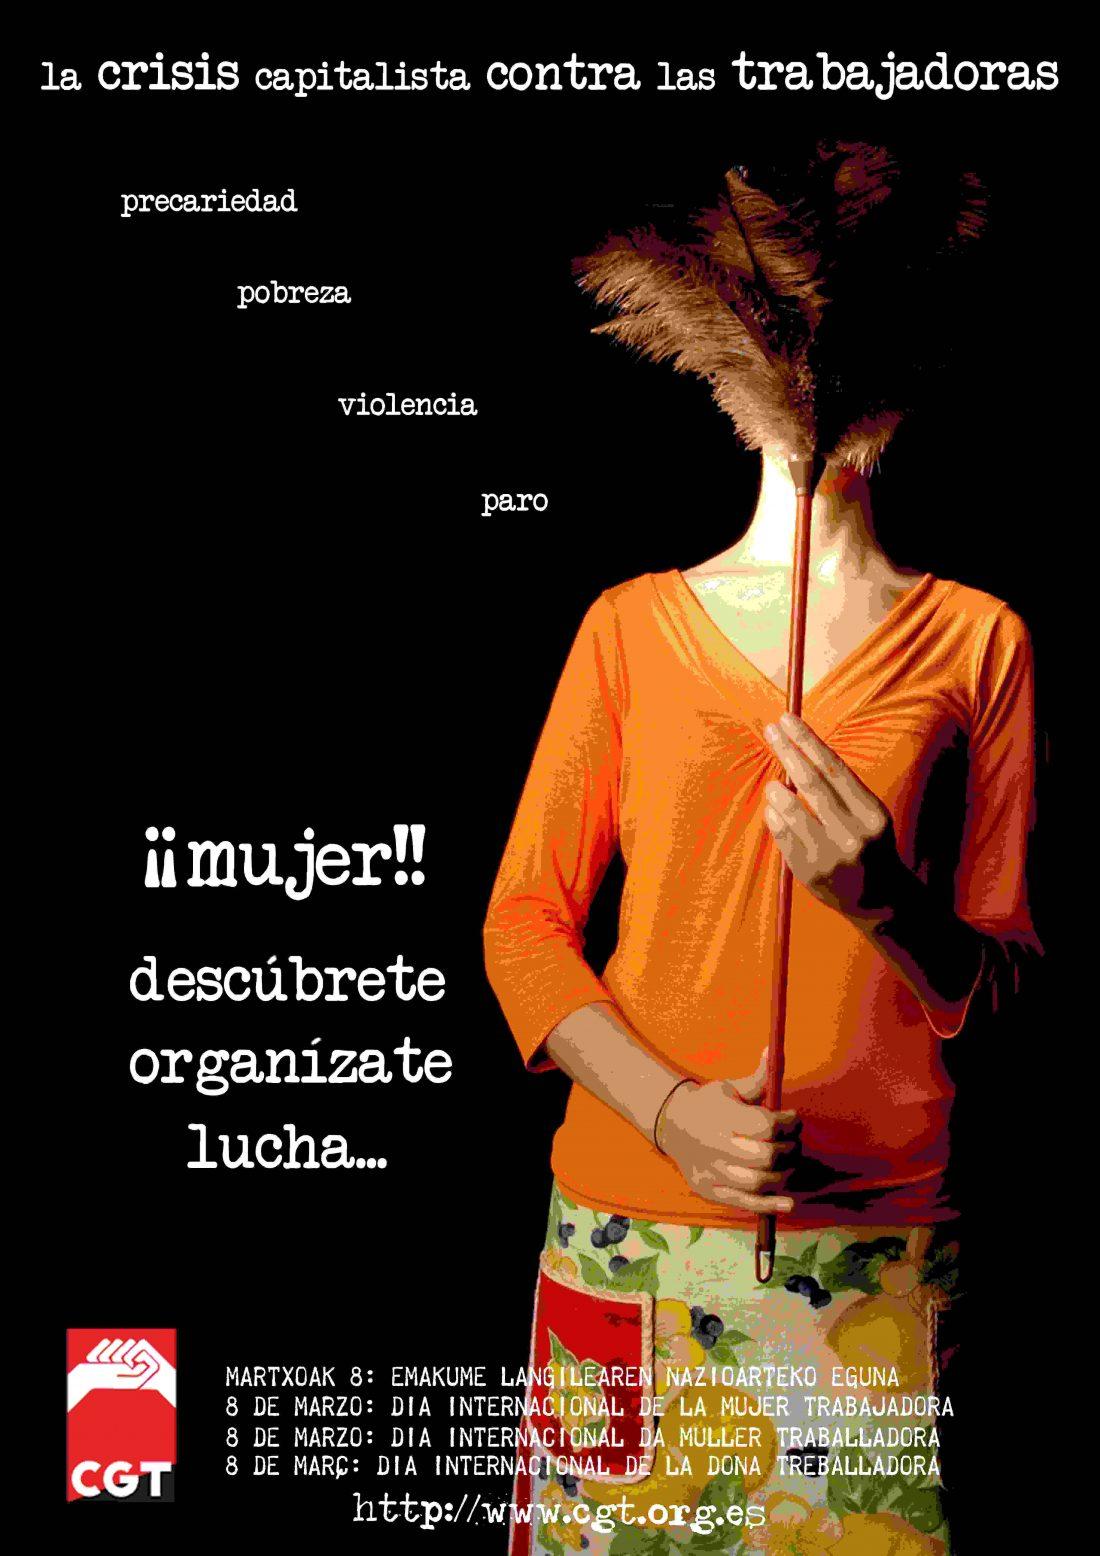 8 de Marzo: Actos, acciones, exposiciones…. Mujer: Descúbrete, Organízate y Lucha!